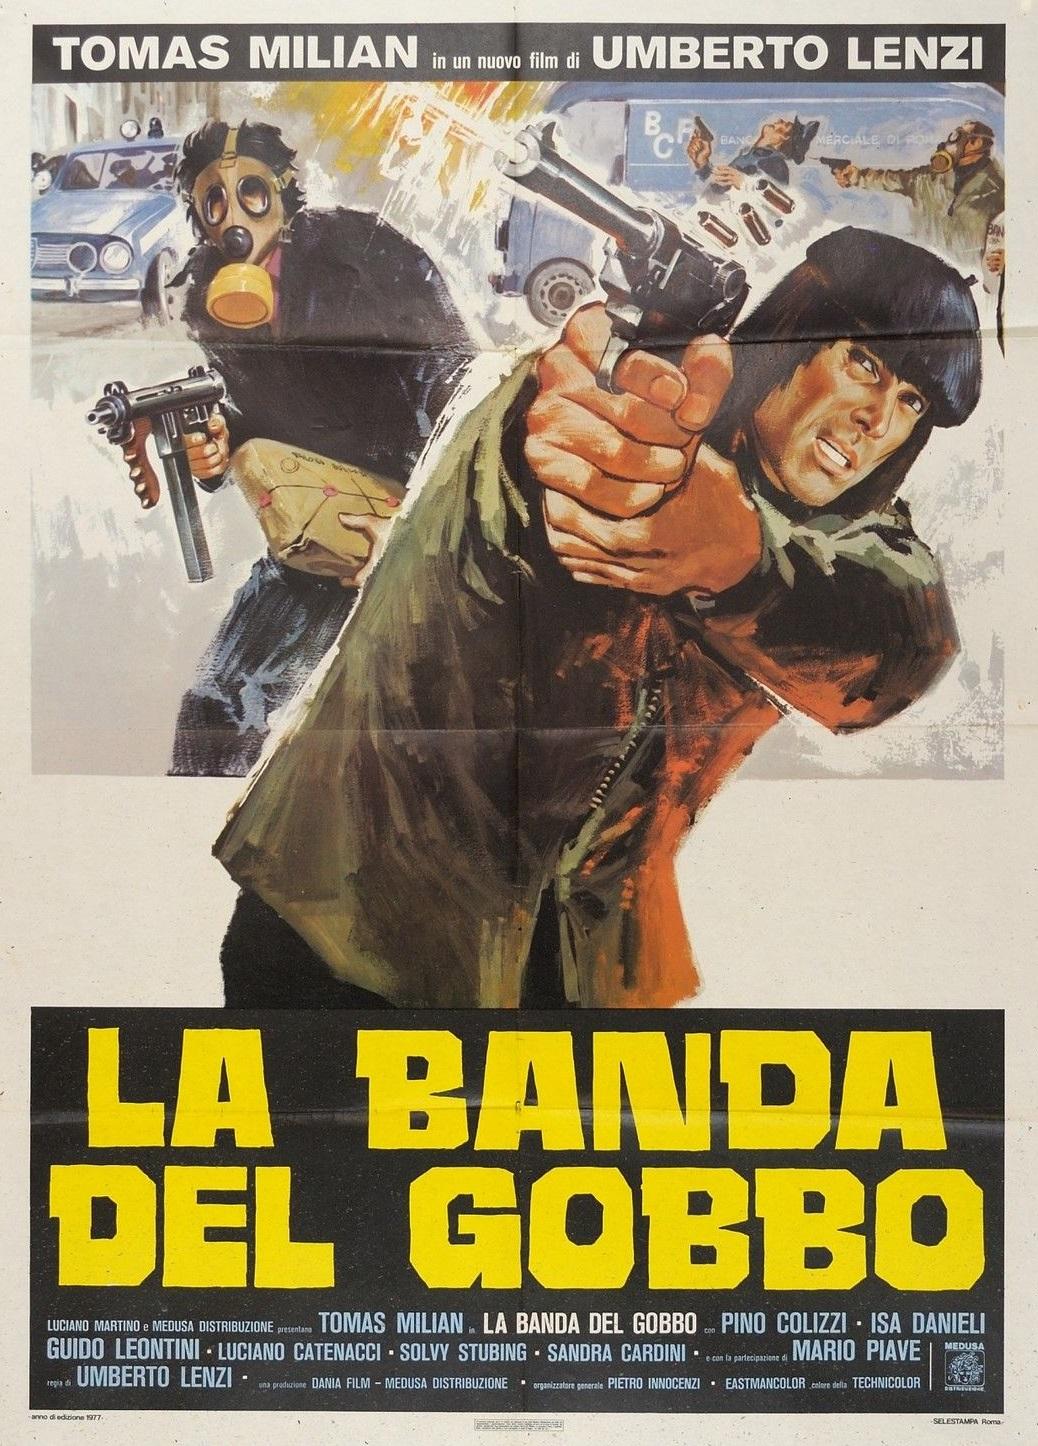 La banda del gobbo (1978) - IMDb